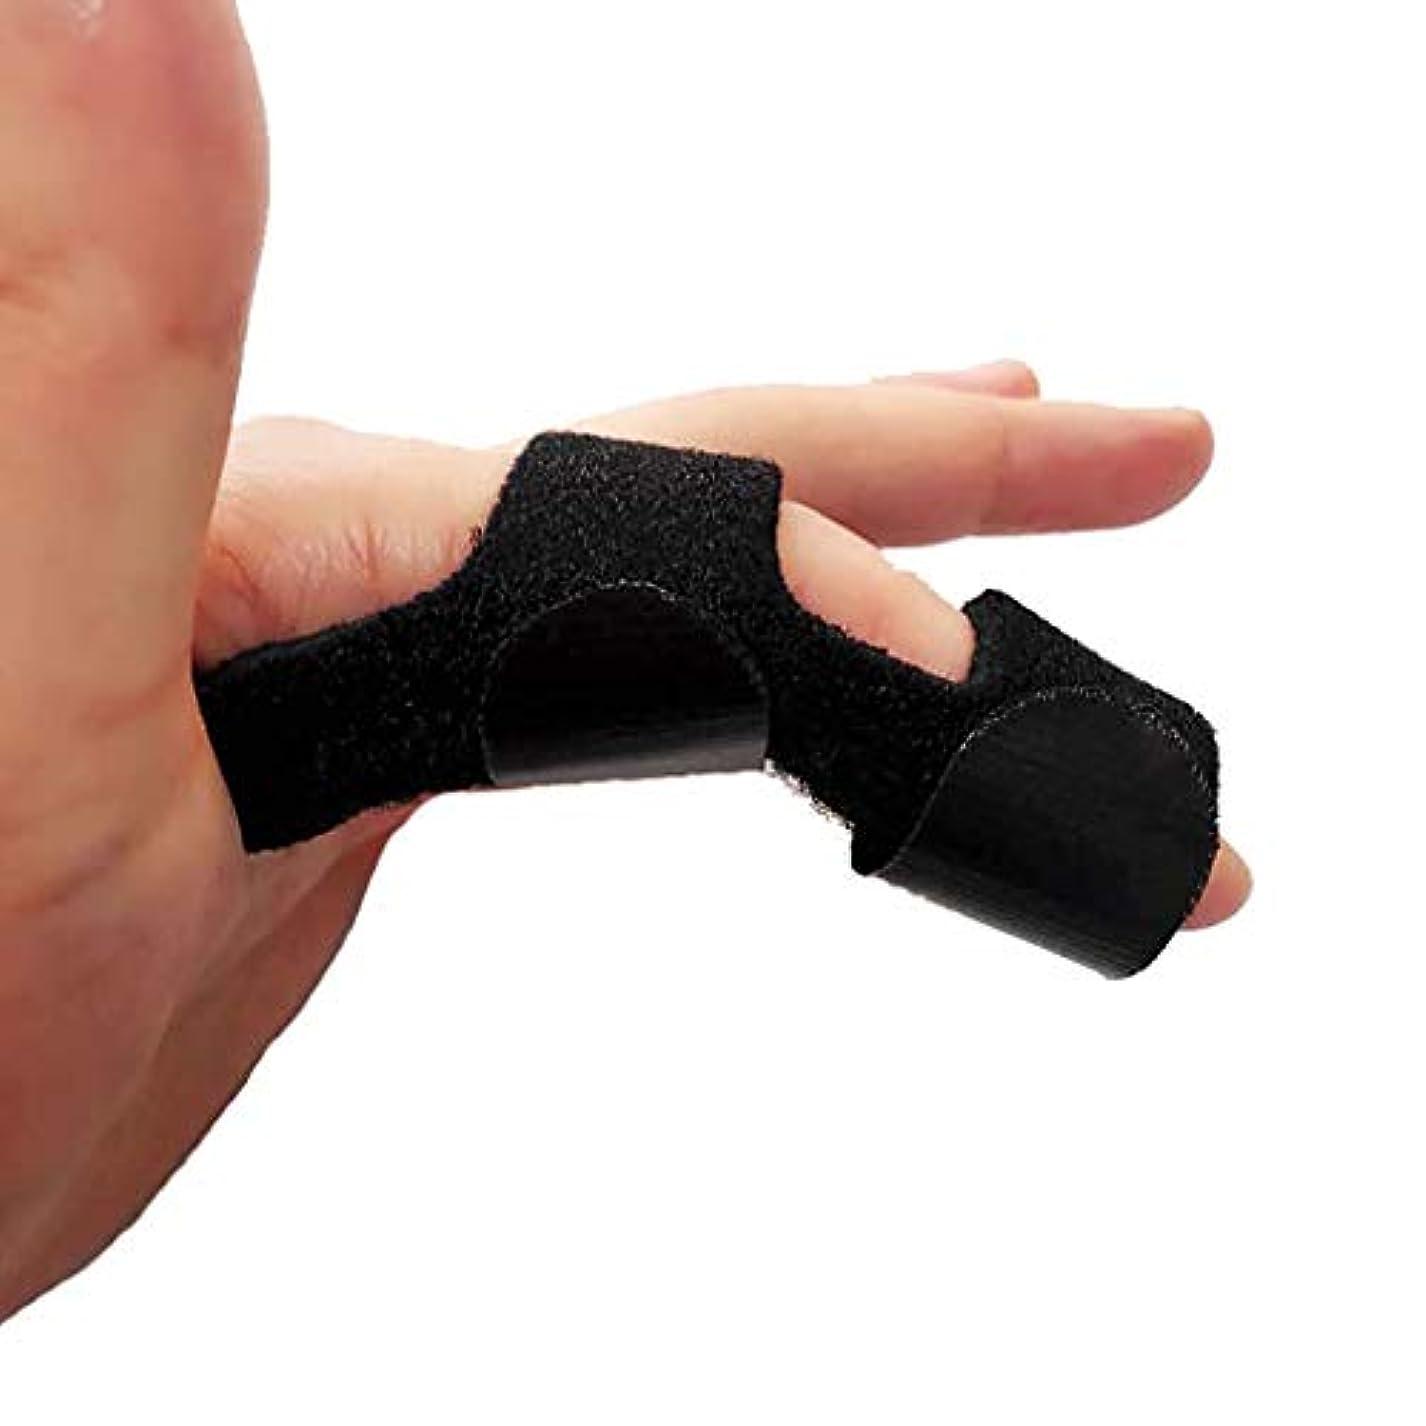 懐疑論マークダウンスラック引き金用フィンガーエクステンションスプリントフィンガーマレットフィンガーナックル固定フィンガー骨折創傷術後ケアと痛み緩和フィンガースプリント,黒